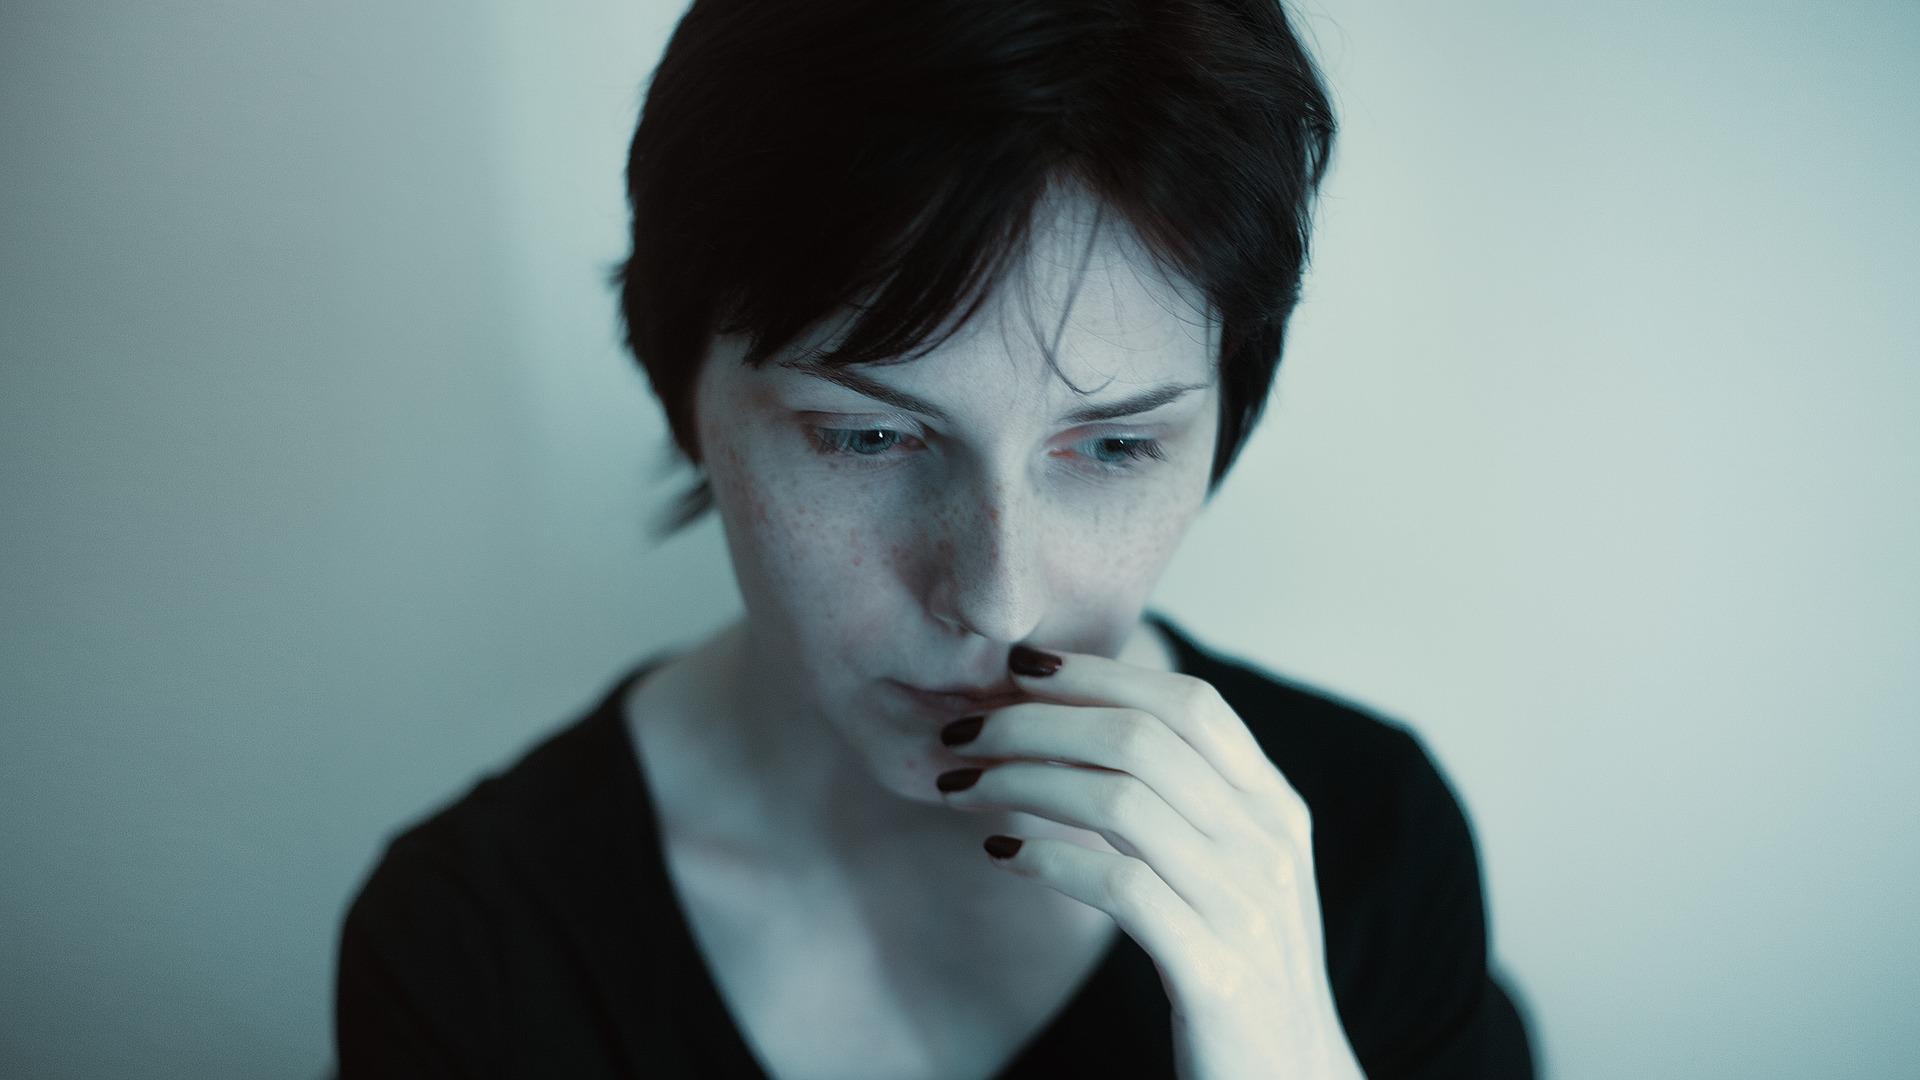 comment se libérer de la peur du regard des autres